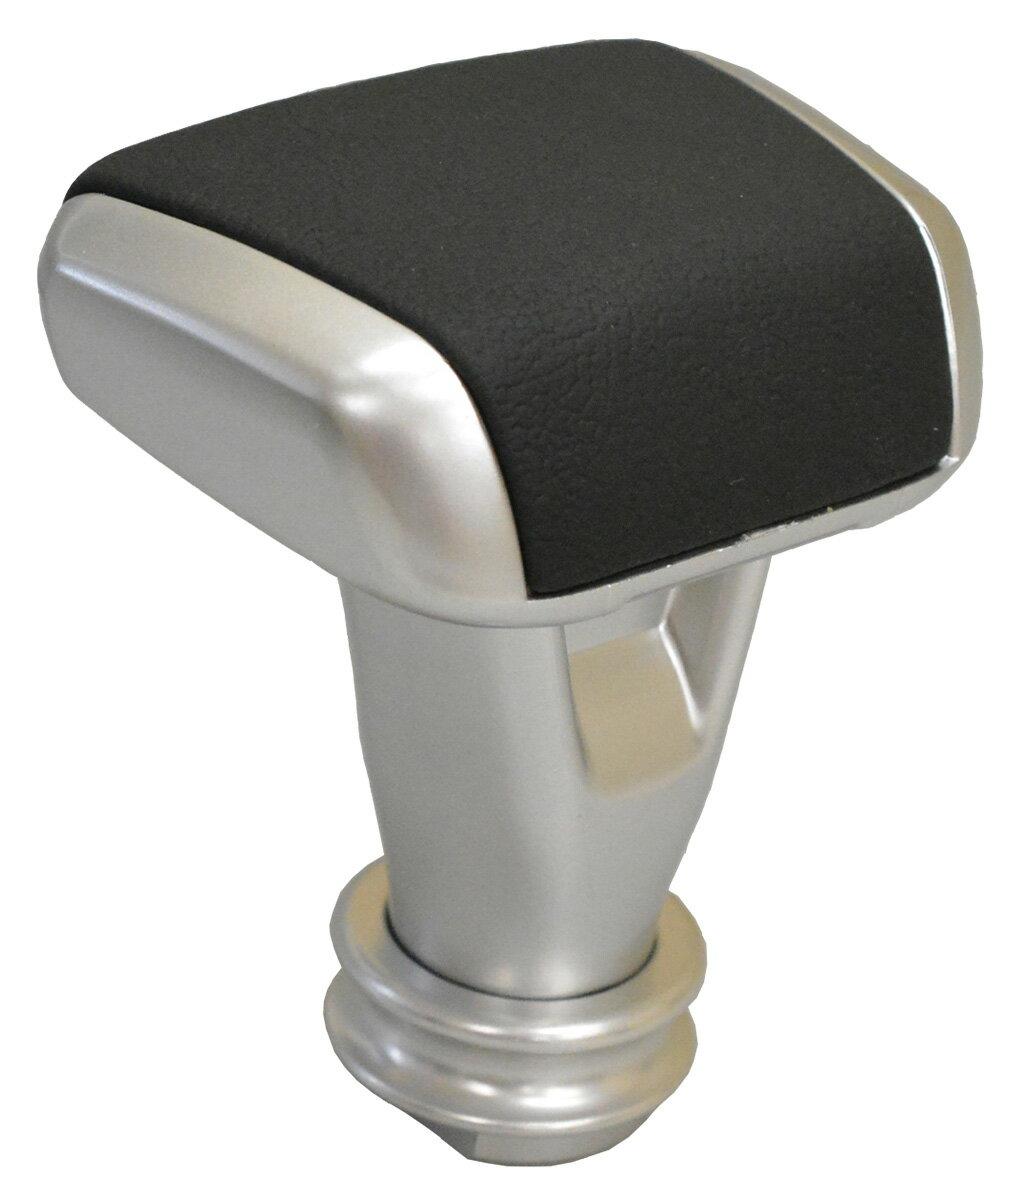 RD-SLS-BLE ベンツ SLSルック シフトノブ レザー調 Bタイプ(W203 W204 W209 W211 W212クーペ R171 R230) BENZ(ベンツ シフトノブ メルセデスベンツ パーツ シフト ノブ メルセデス・ベンツ カスタムパーツ 改造 カーパーツ カスタム)